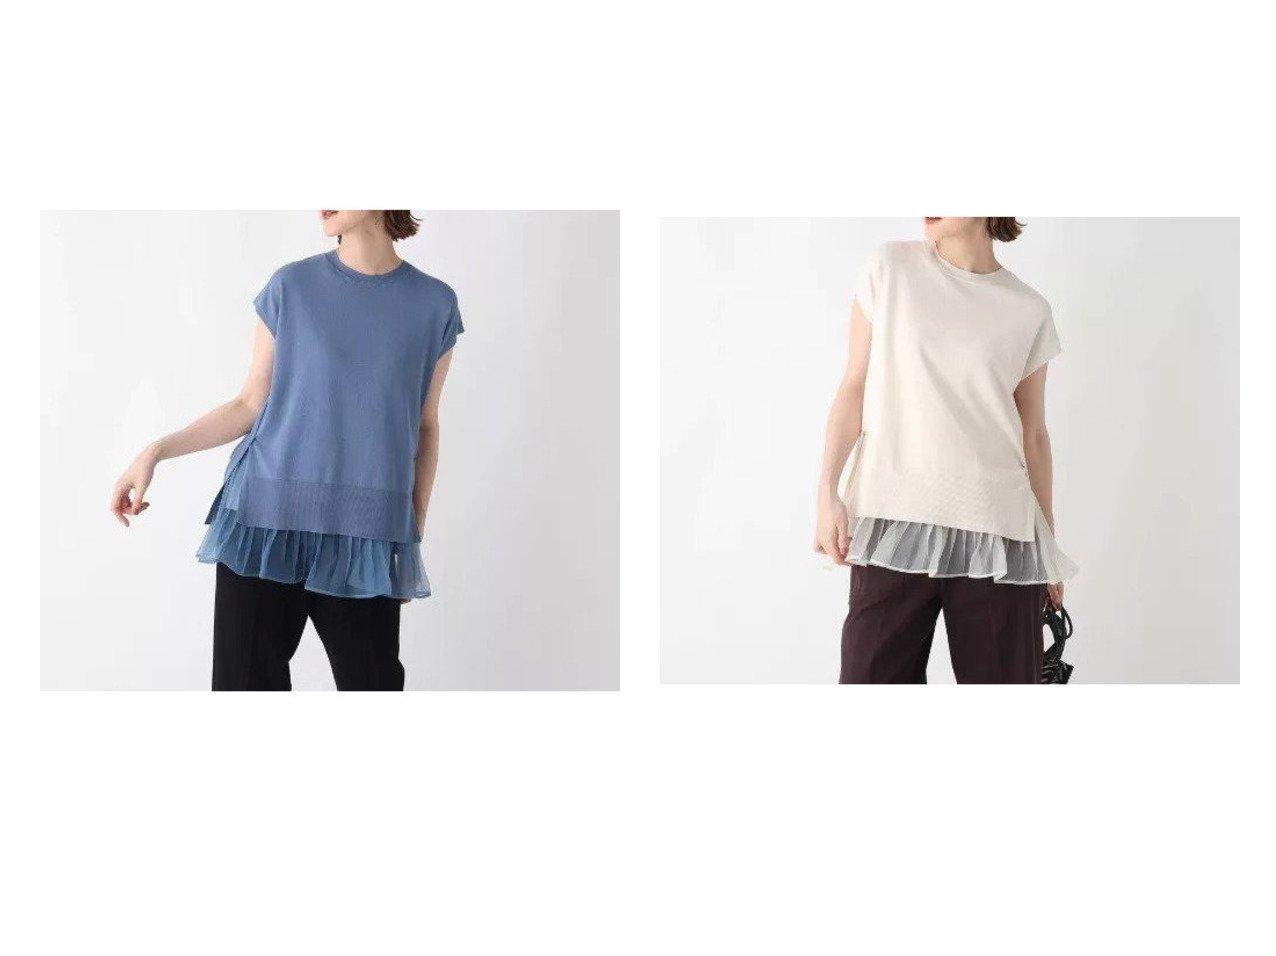 【OPAQUE.CLIP/オペークドットクリップ】のチュールインナーセット デザインニット 【プチプライス・低価格】おすすめ!人気、トレンド・レディースファッションの通販 おすすめで人気の流行・トレンド、ファッションの通販商品 インテリア・家具・メンズファッション・キッズファッション・レディースファッション・服の通販 founy(ファニー) https://founy.com/ ファッション Fashion レディースファッション WOMEN トップス・カットソー Tops/Tshirt ニット Knit Tops カーディガン Cardigans アンサンブル Knit Ensemble おすすめ Recommend アンサンブル インナー カーディガン キャミソール コンパクト スリット スリーブ チュール ドッキング バランス フェミニン フレンチ 切替 |ID:crp329100000062449